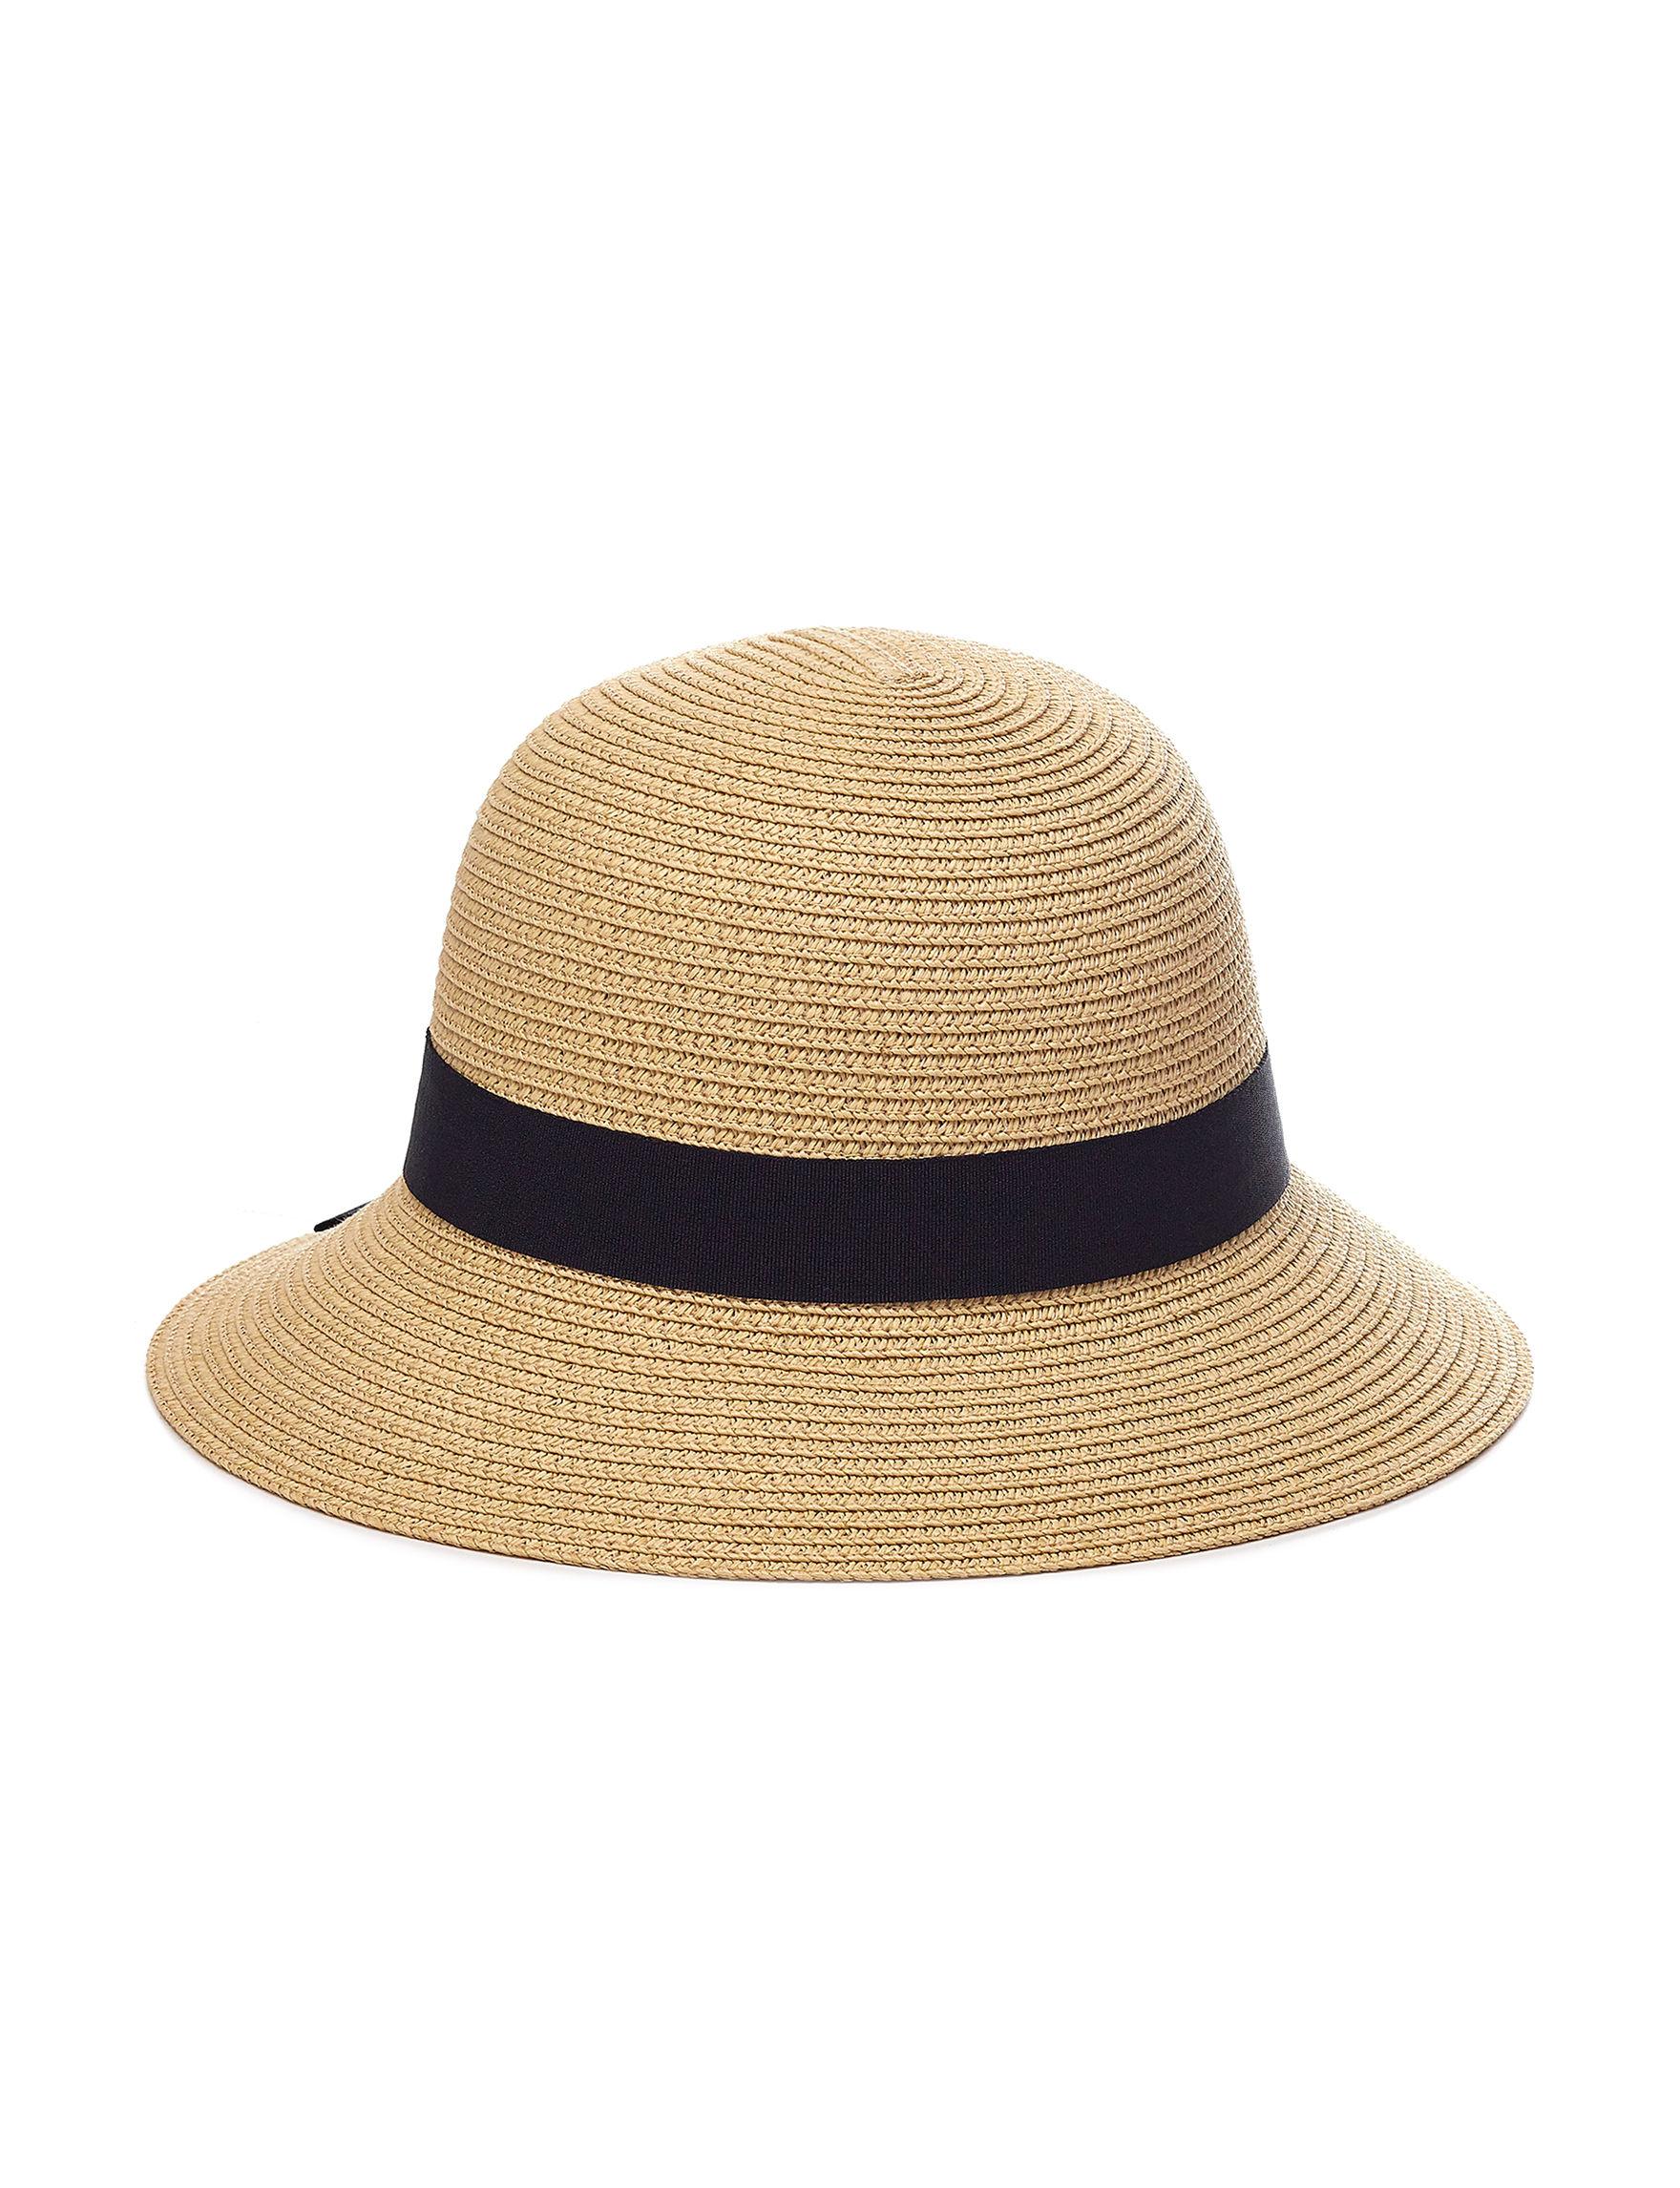 David & Young Beige / Black Hats & Headwear